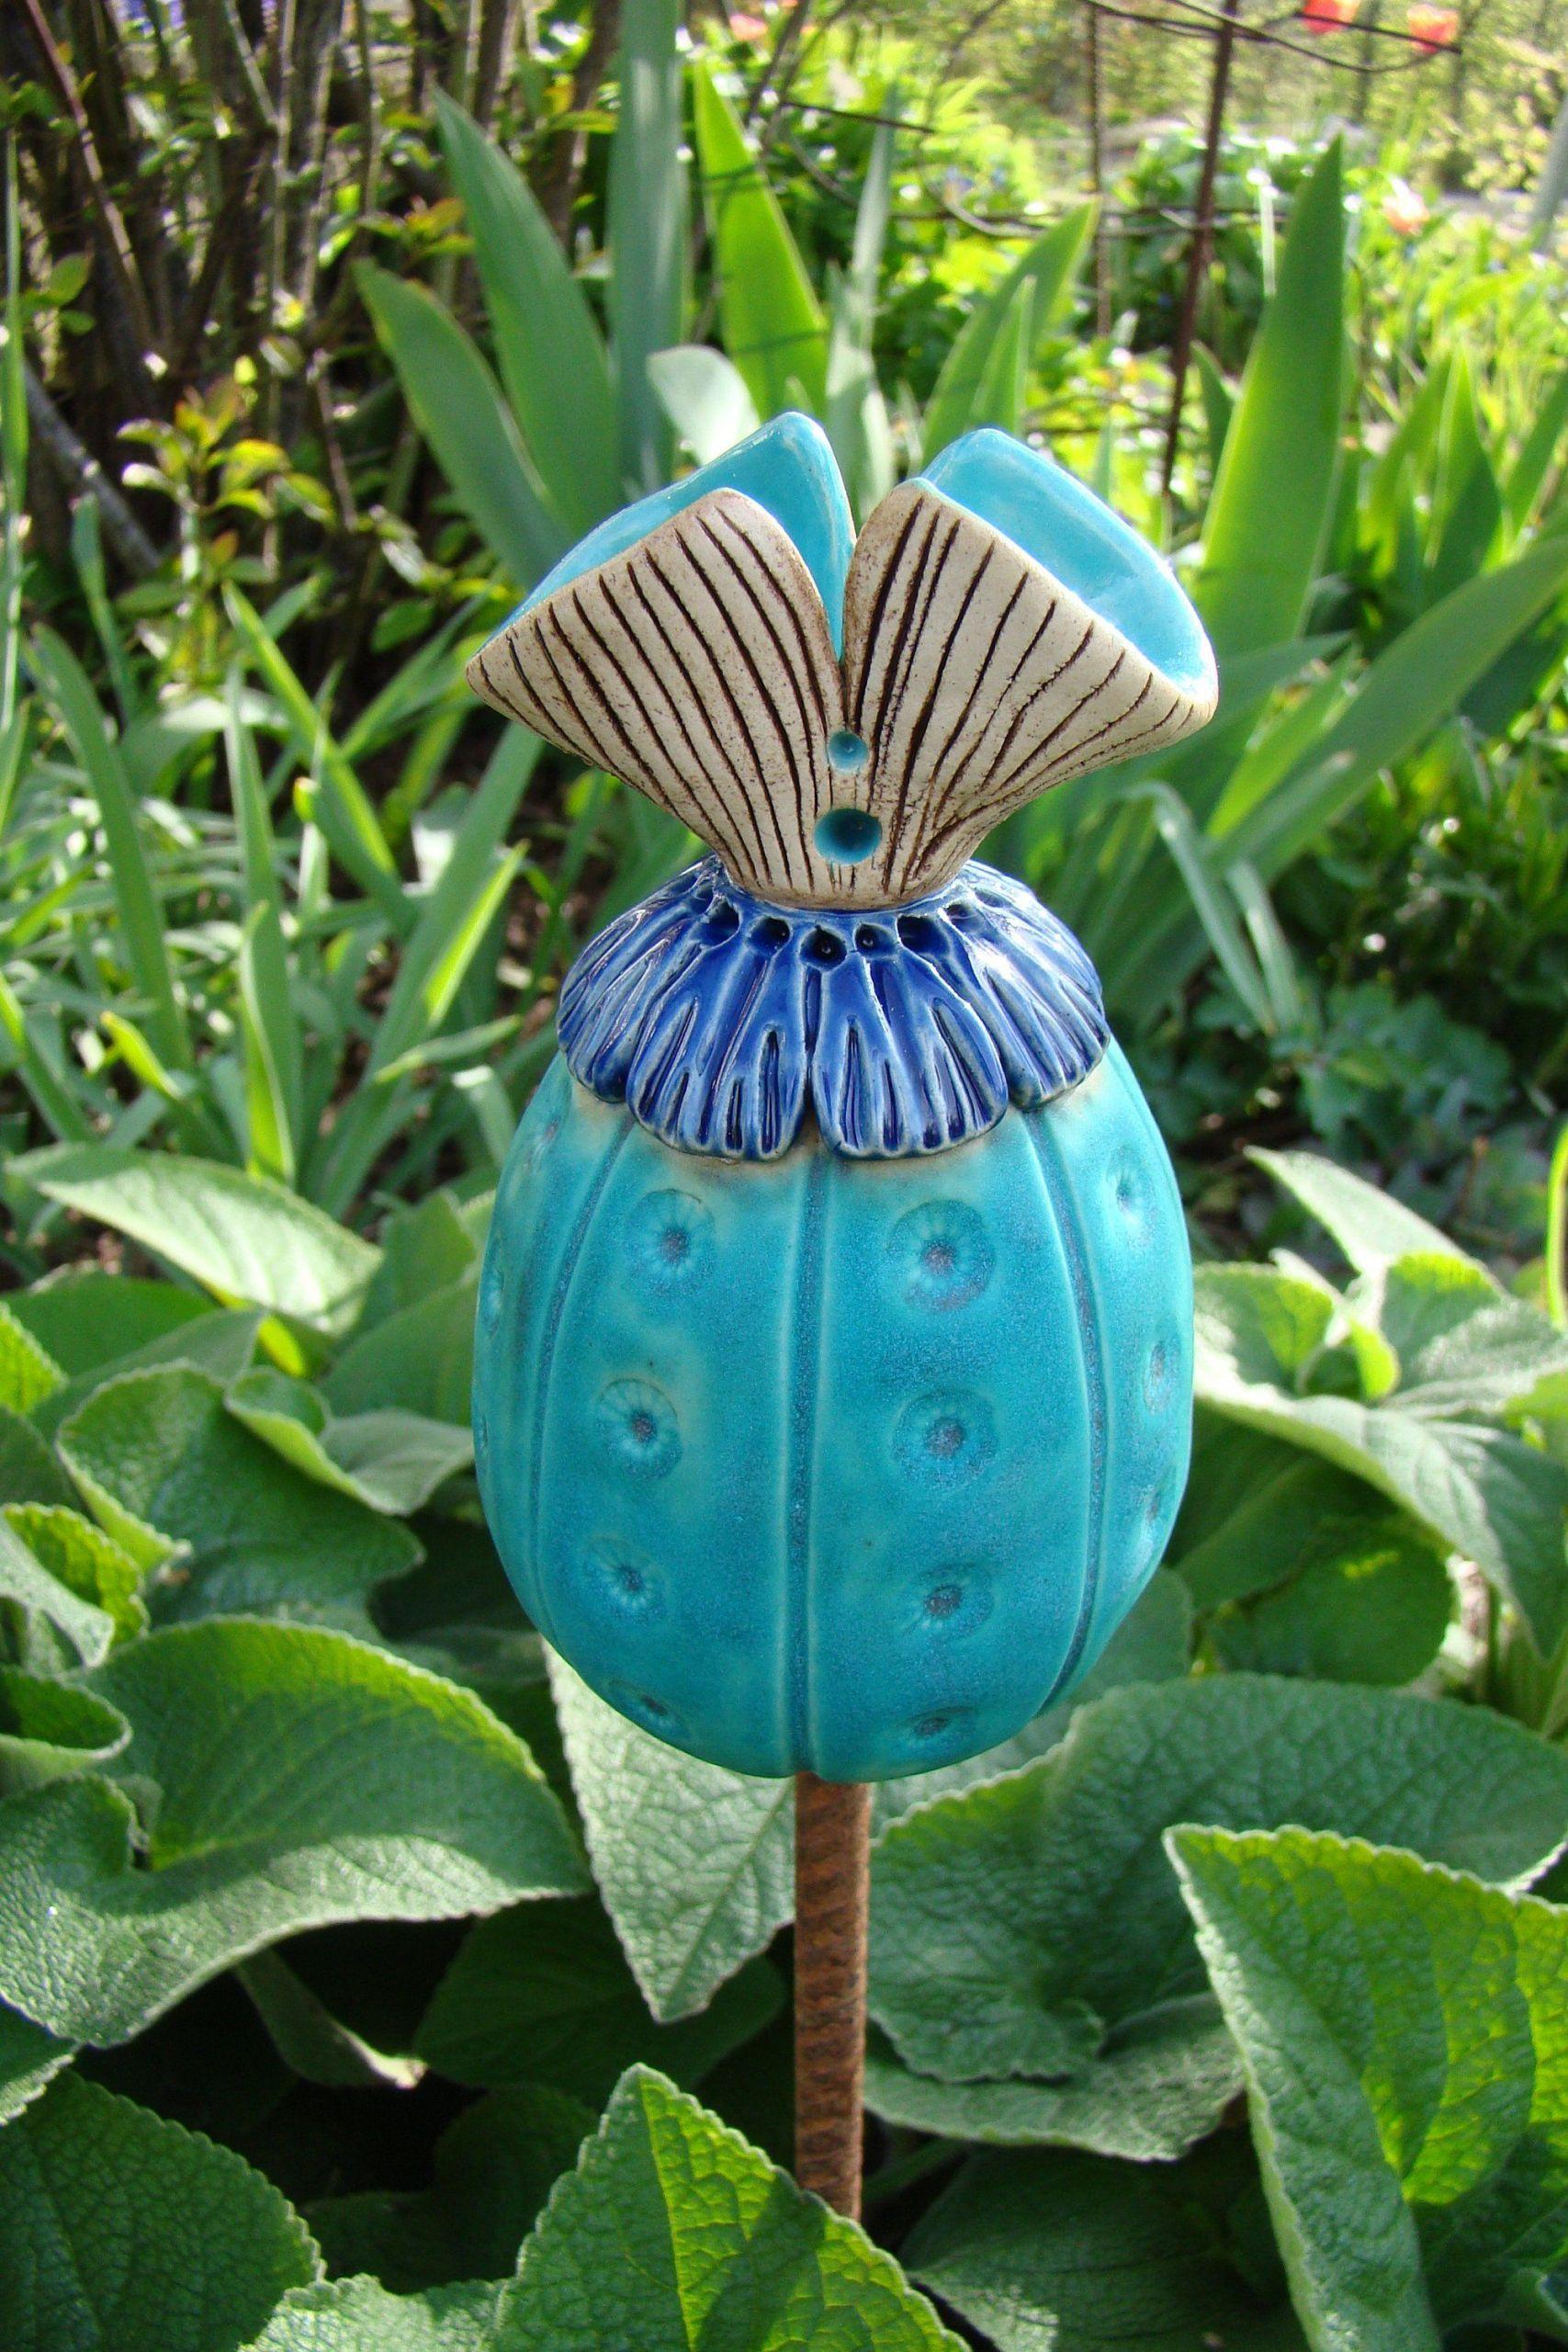 Keramik Gartendeko Frisch Keramik Beetstecker Blumenzwiebel Türkis In 2020